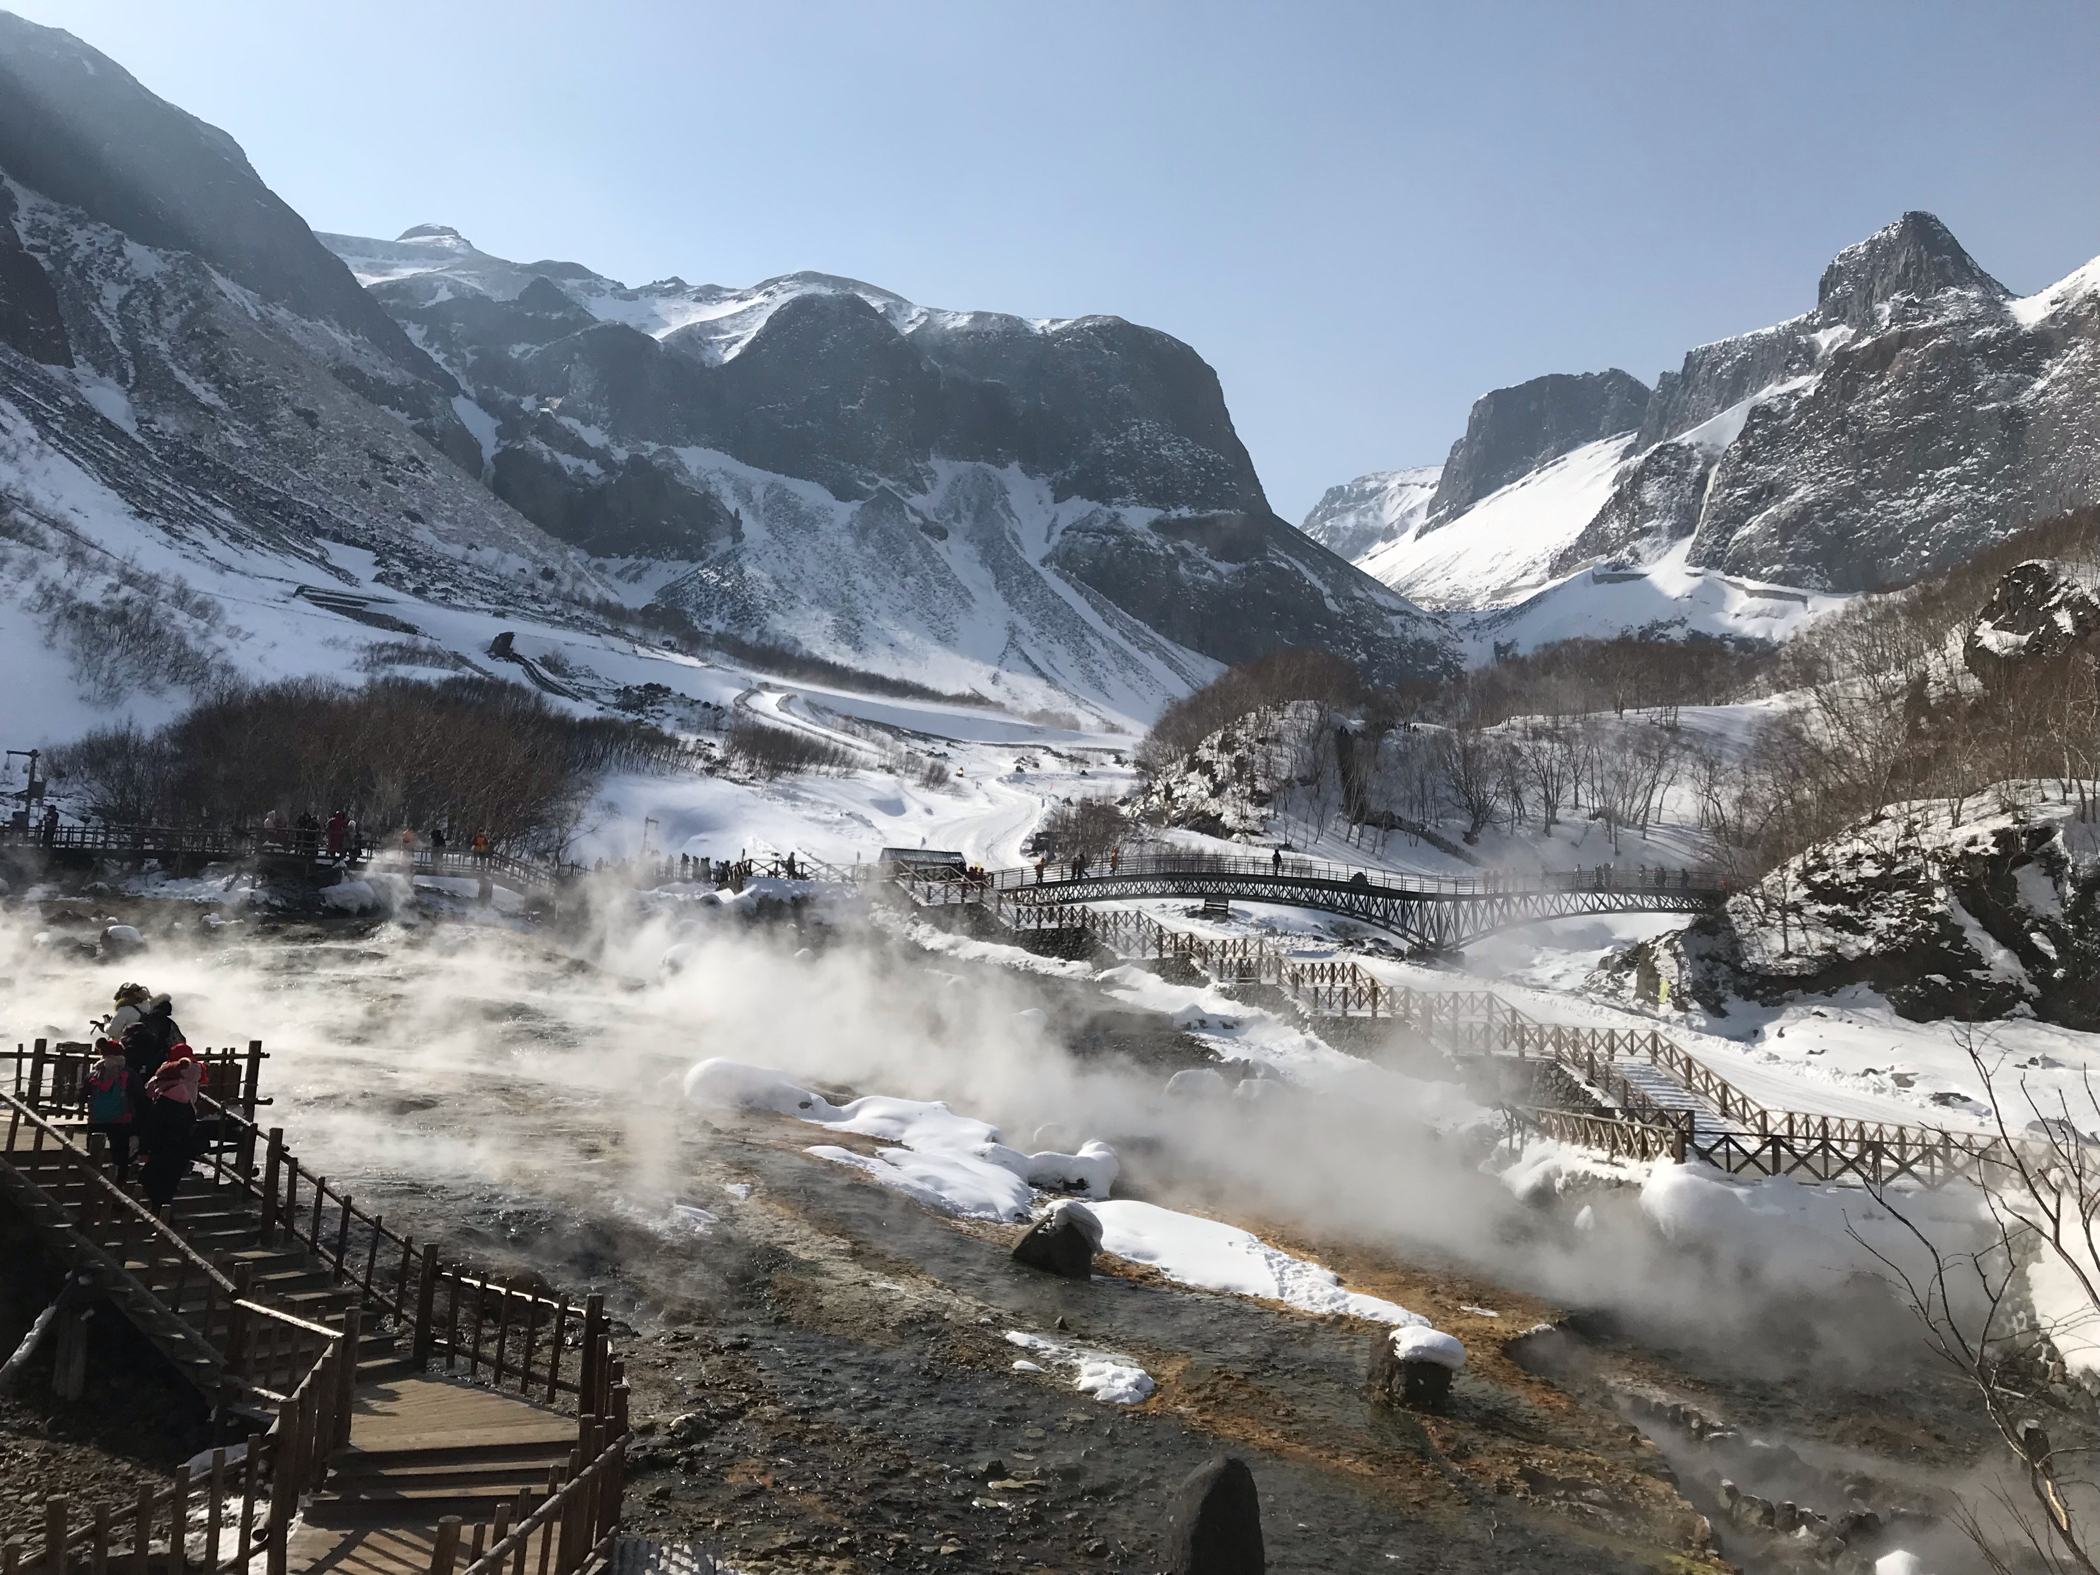 【初上长白】延吉、长白山、滑雪边境风情之旅